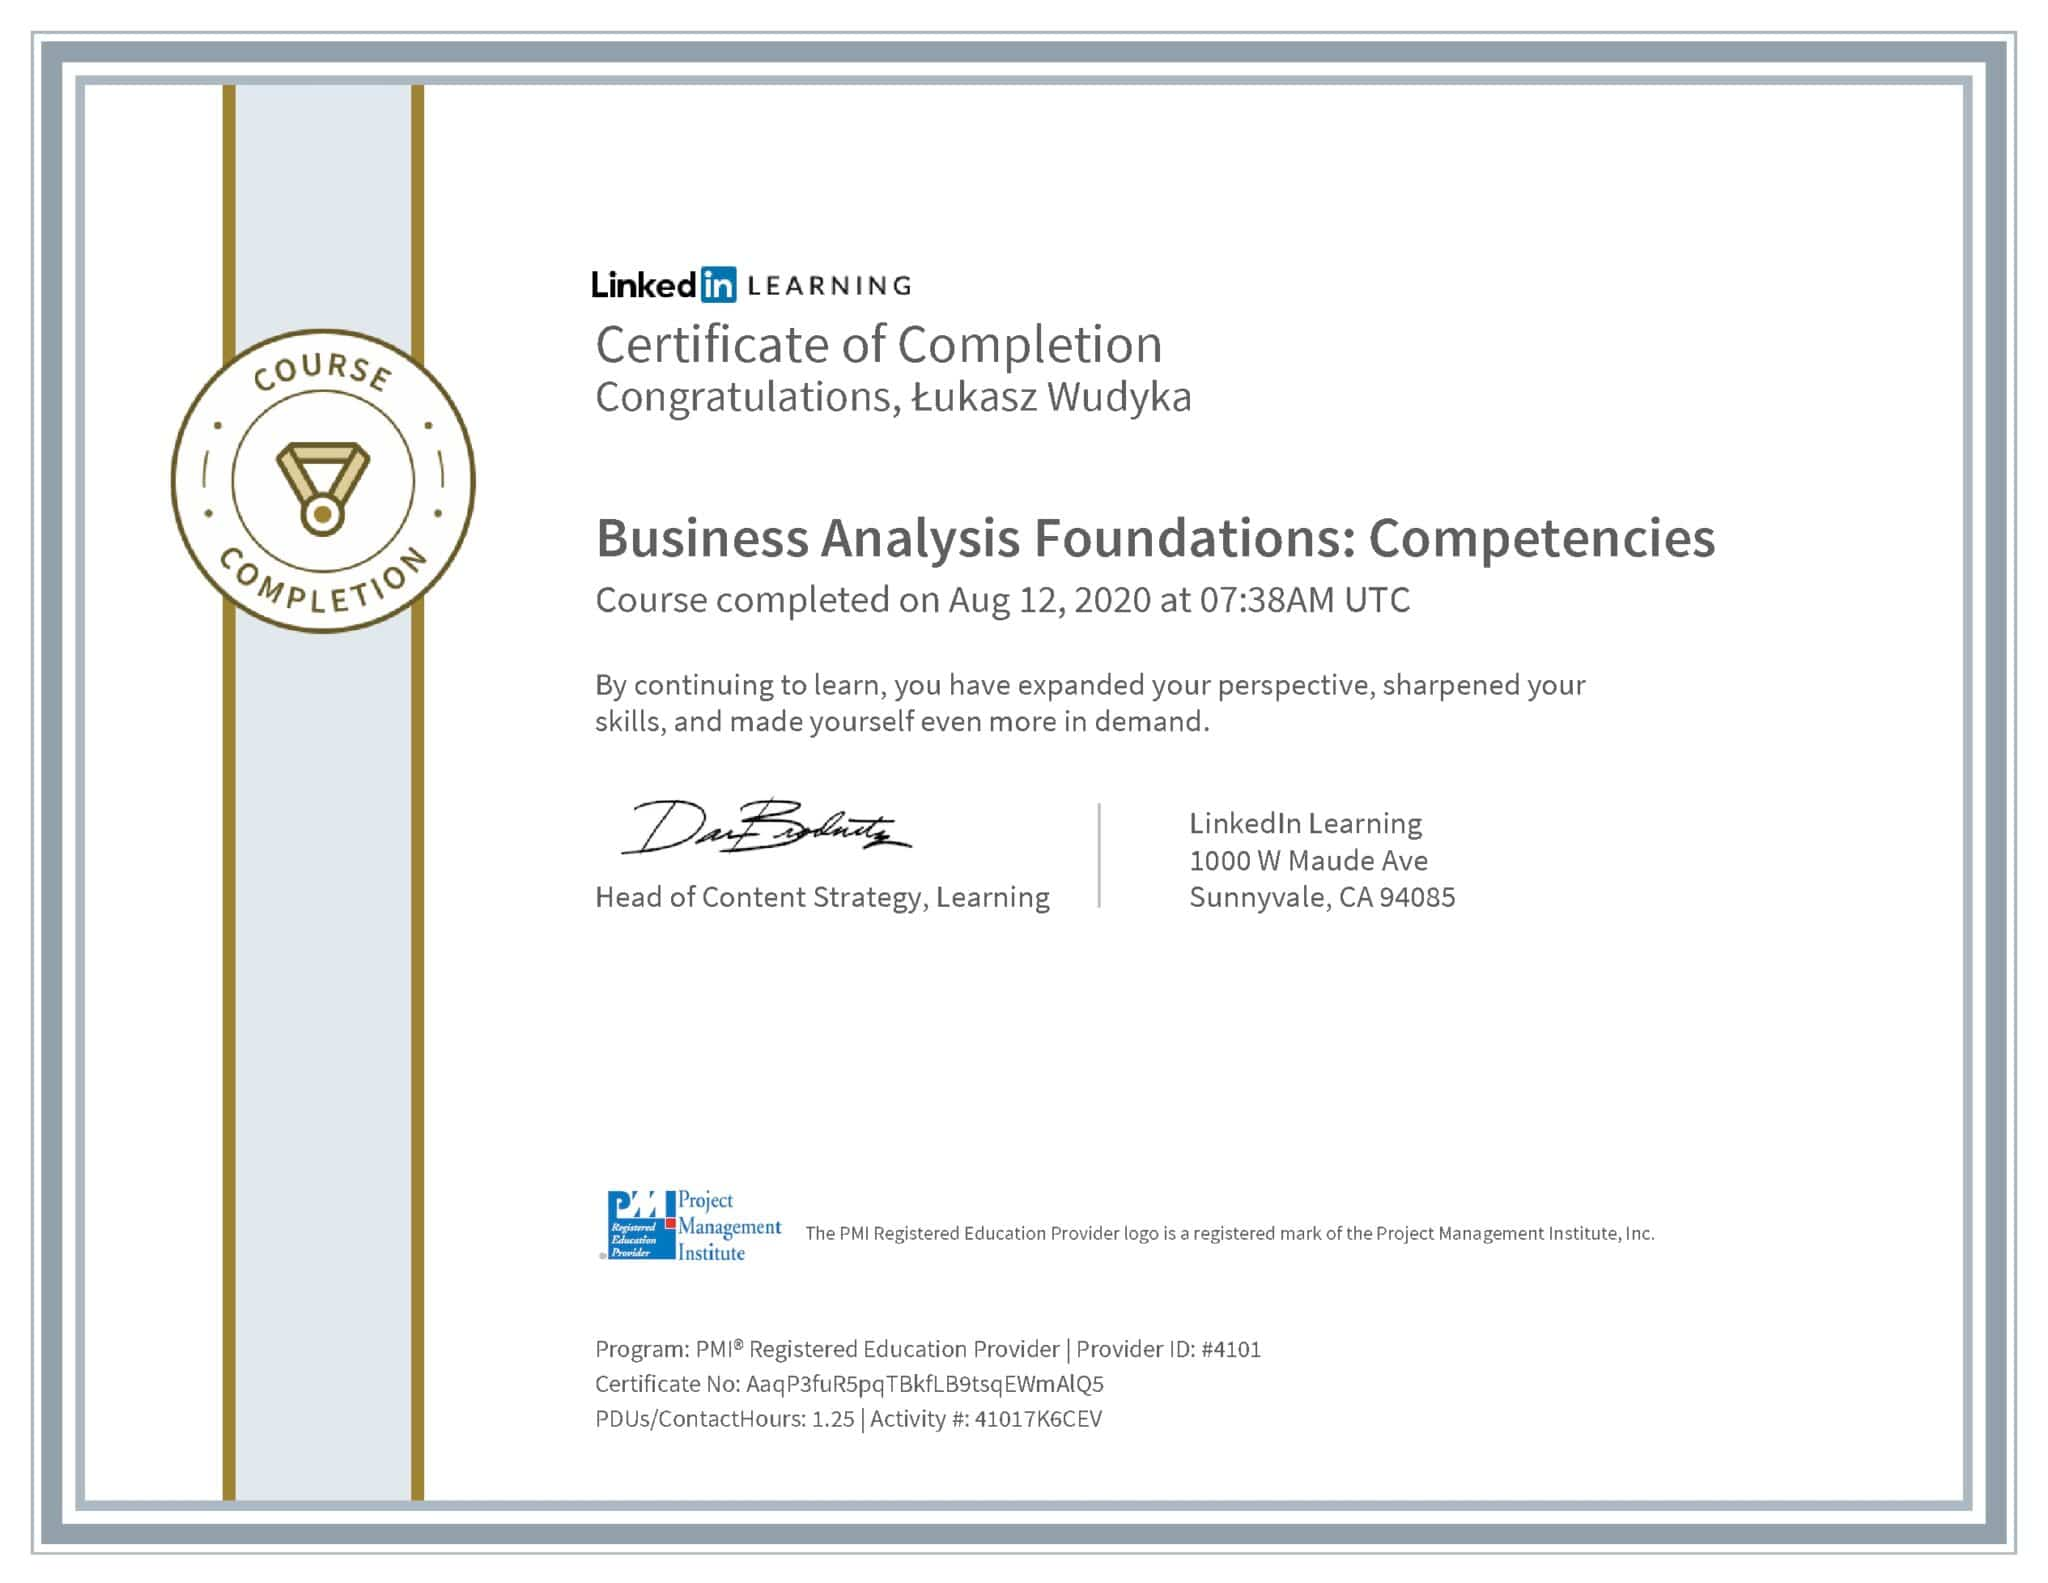 Łukasz Wudyka certyfikat LinkedIn Business Analysis Foundations: Competencies PMI